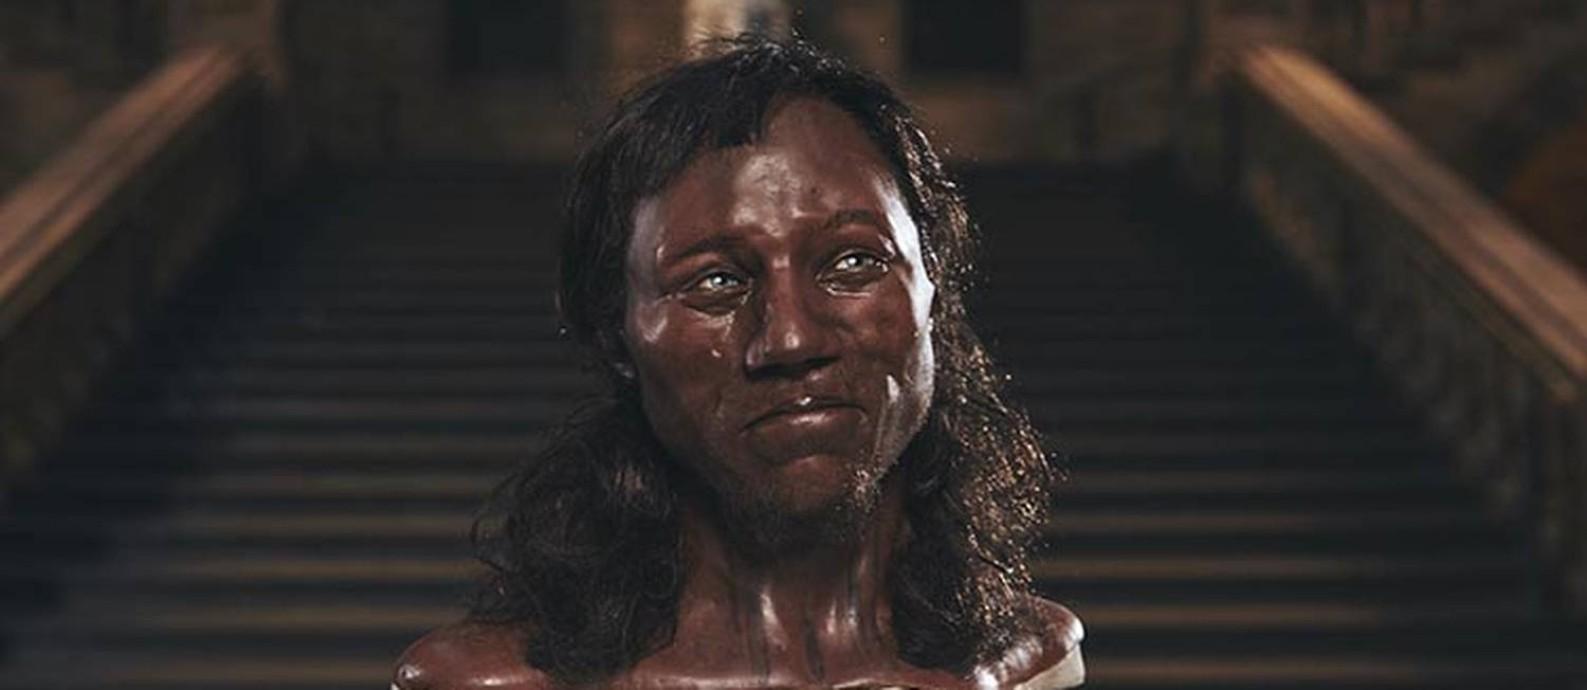 O rosto reconstruído do Homem de Cheddar, que viveu há dez mil anos na Inglaterra Foto: / MUSEU DE HISTÓRIA NATURAL